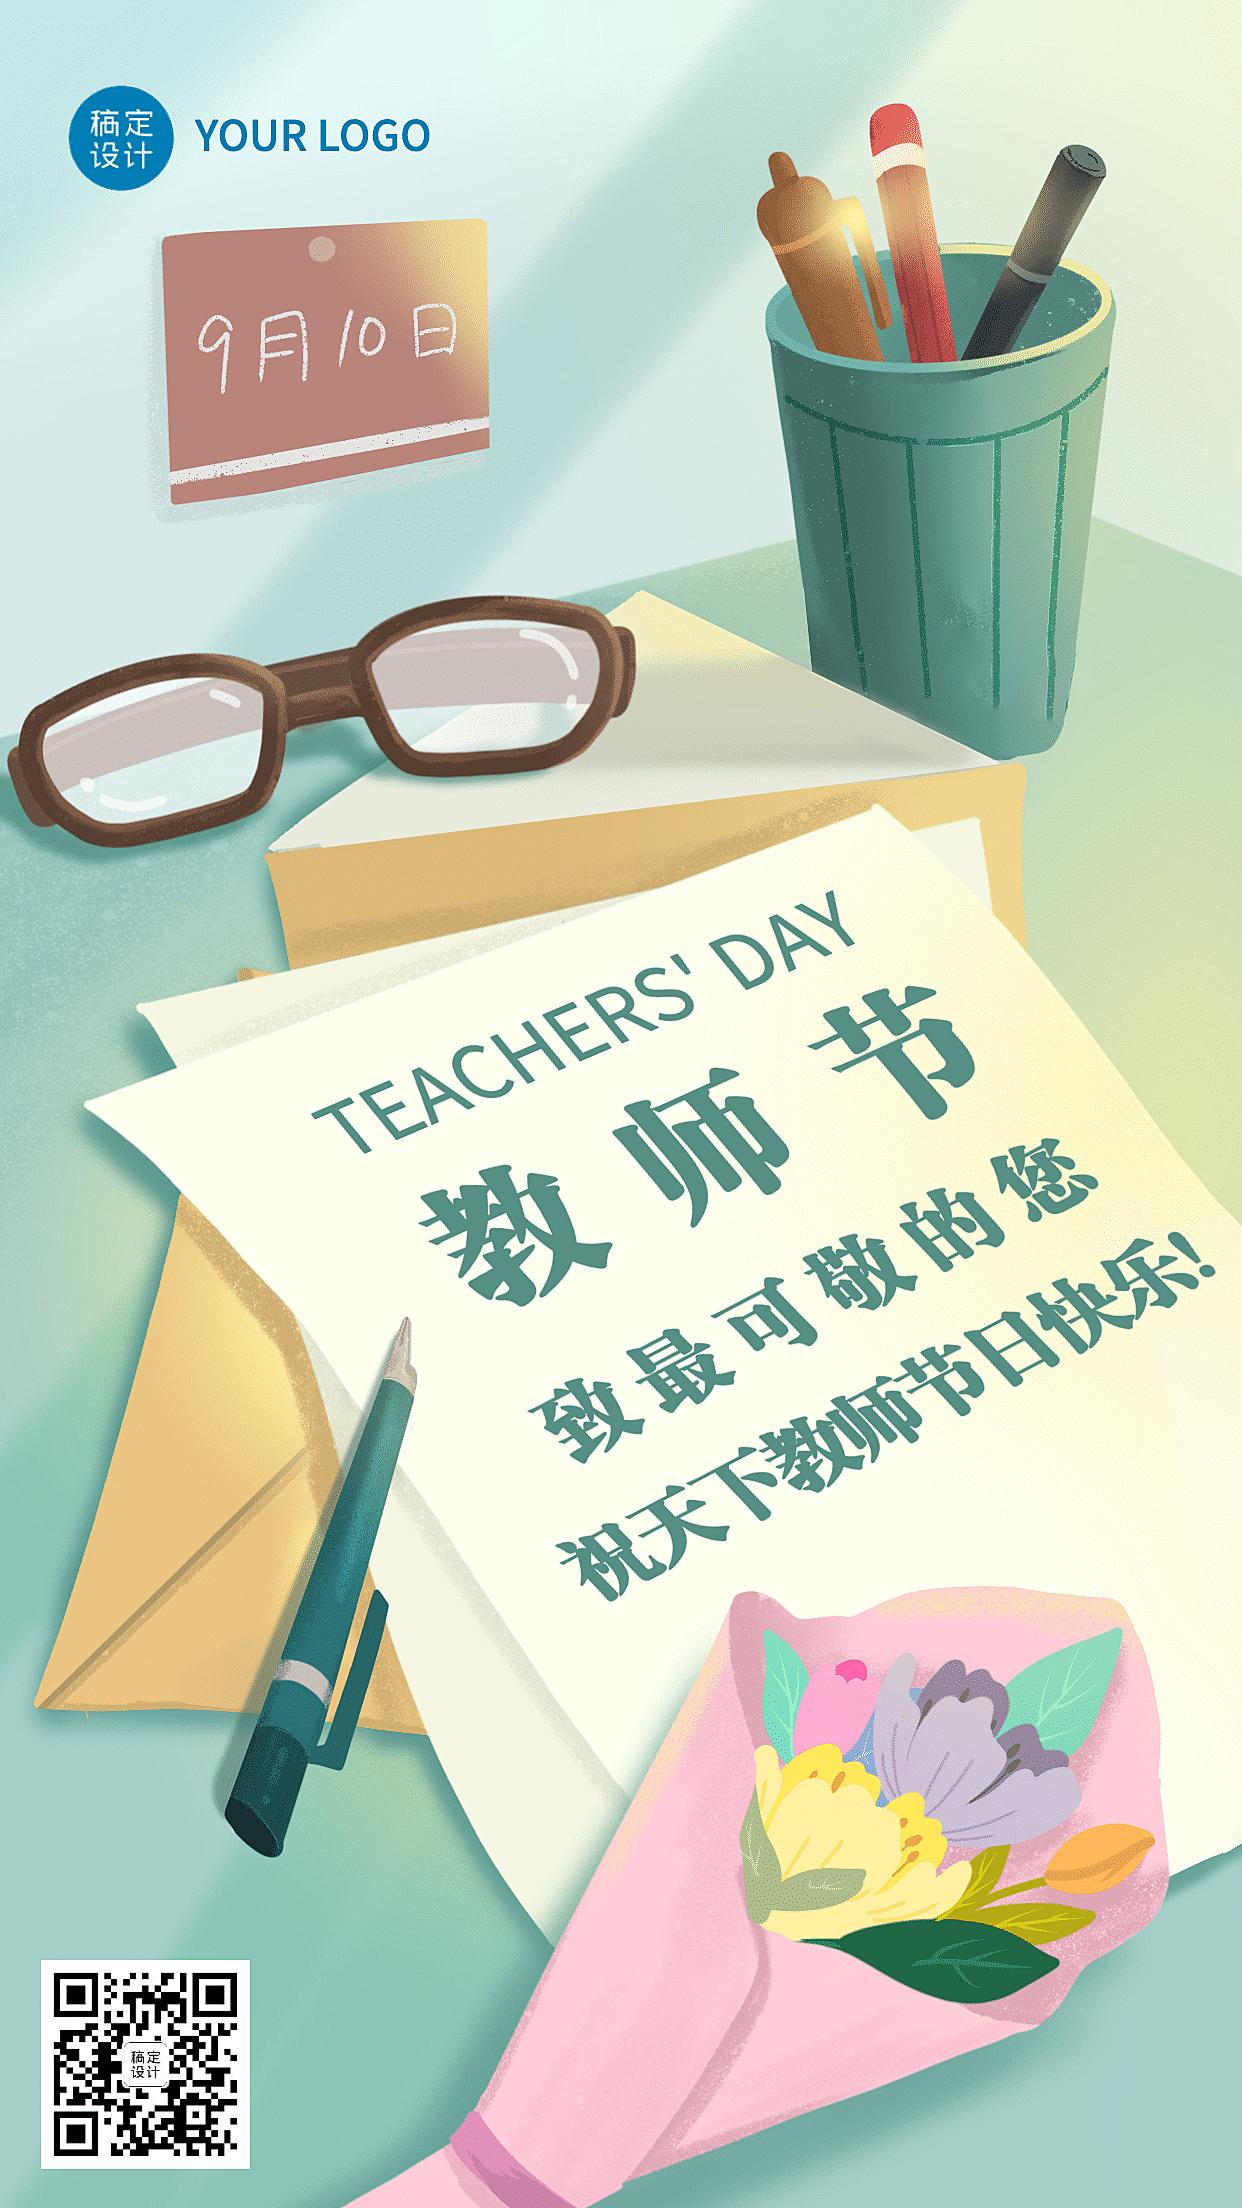 房地产教师节祝福手机海报